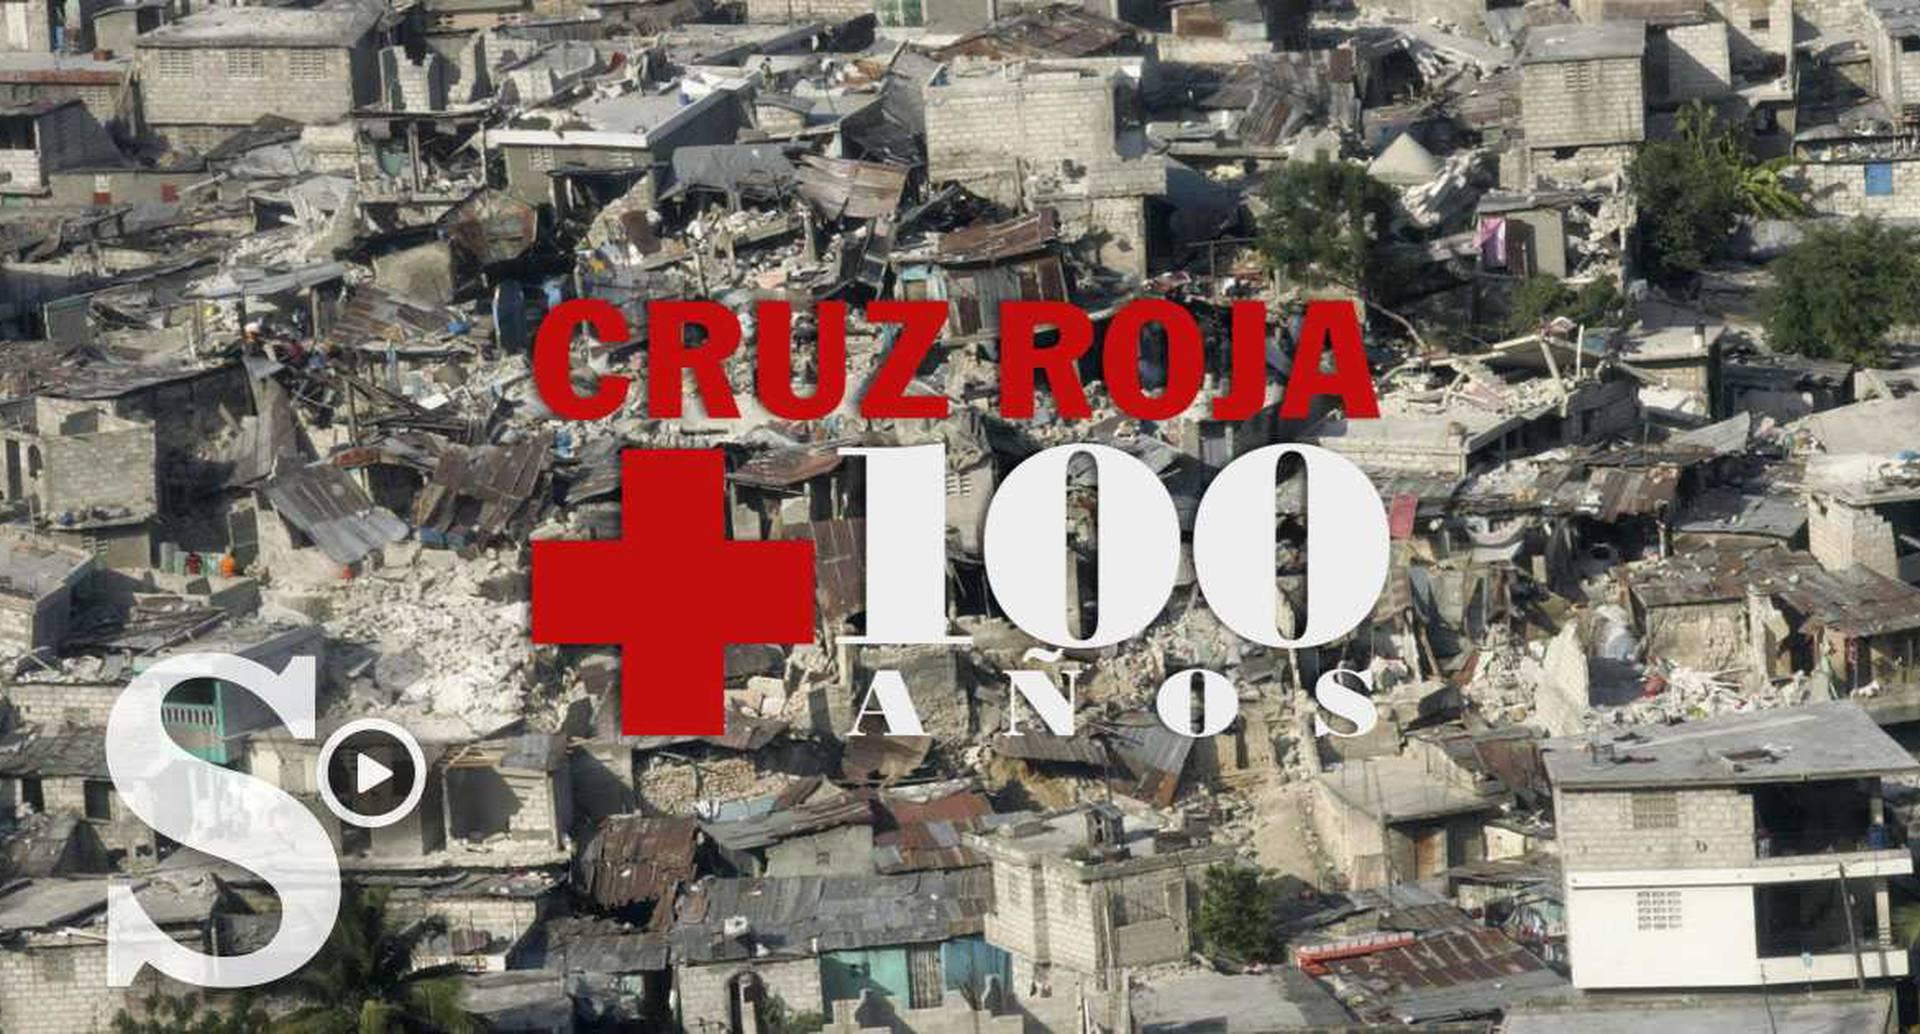 Los 23.000 colombianos que alivian el sufrimiento humano. Fotografía: ®Juan Carlos Sierra, Publicaciones Semana. Fotografía: ®Juan Carlos Sierra, Publicaciones Semana.